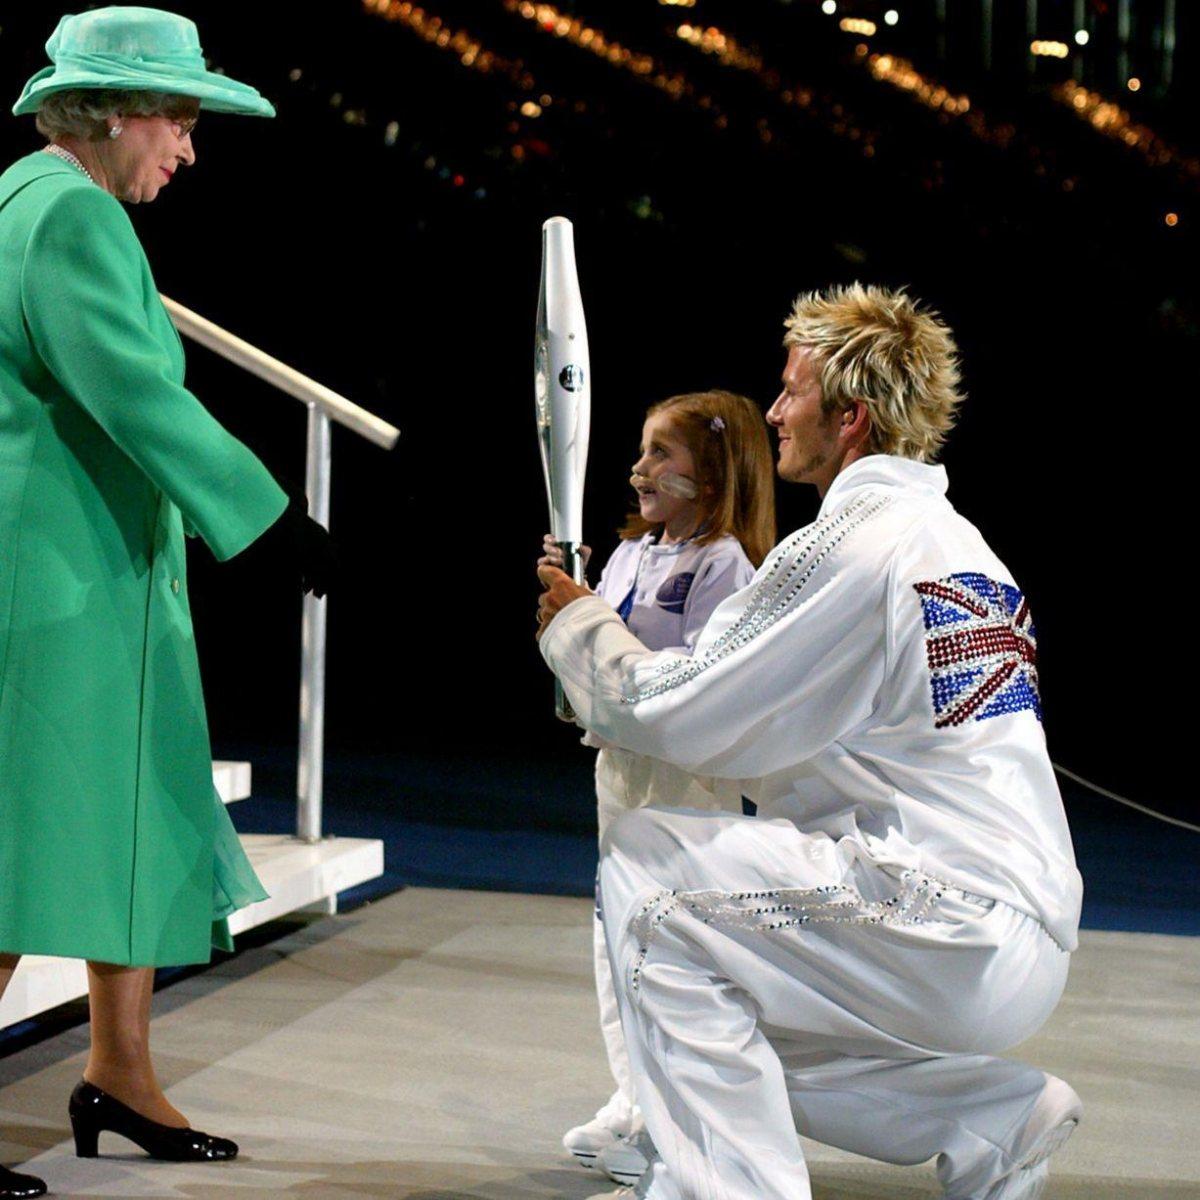 Queen Elizabeth & David Beckham with Kirsty